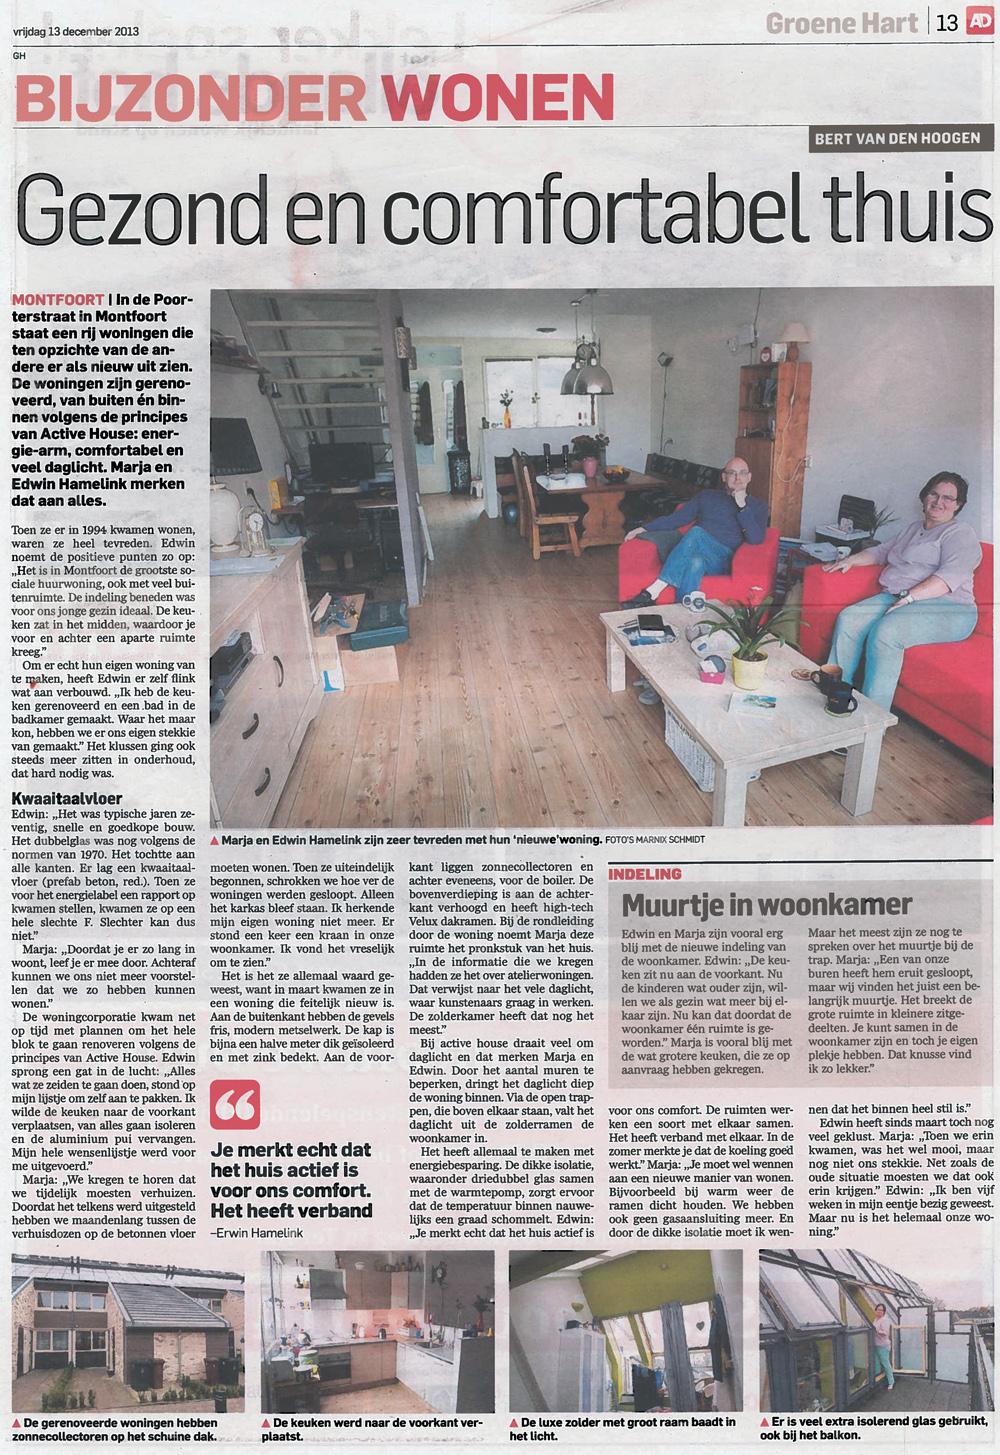 Art. AD Groene Hart - Gezond en comfortabel thuis